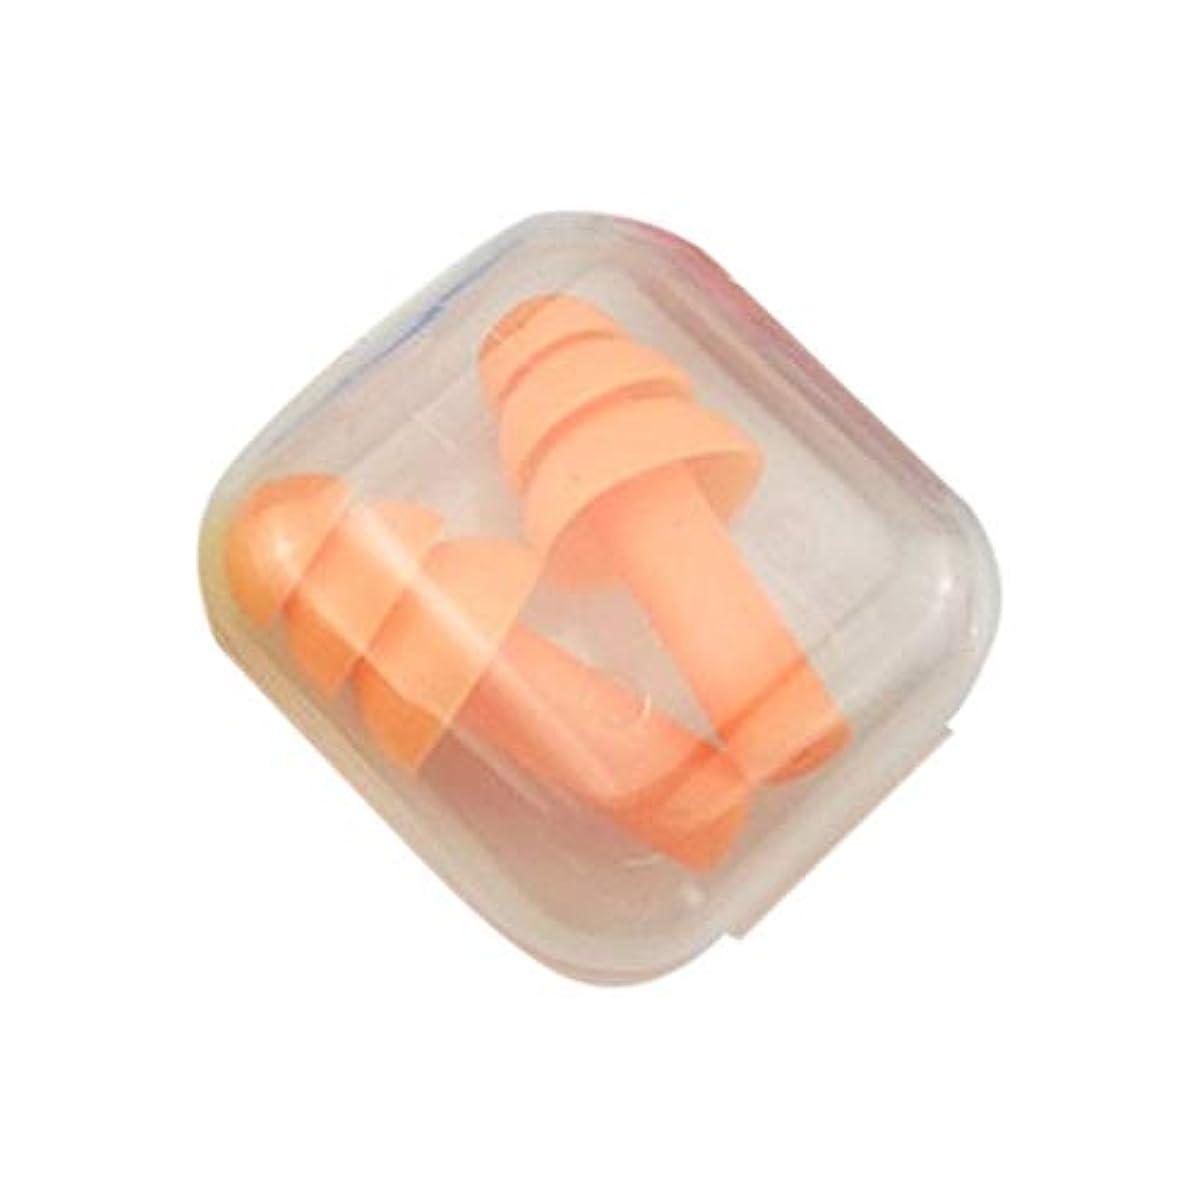 チームベッドを作る高速道路柔らかいシリコーンの耳栓遮音用耳の保護用の耳栓防音睡眠ボックス付き収納ボックス - オレンジ